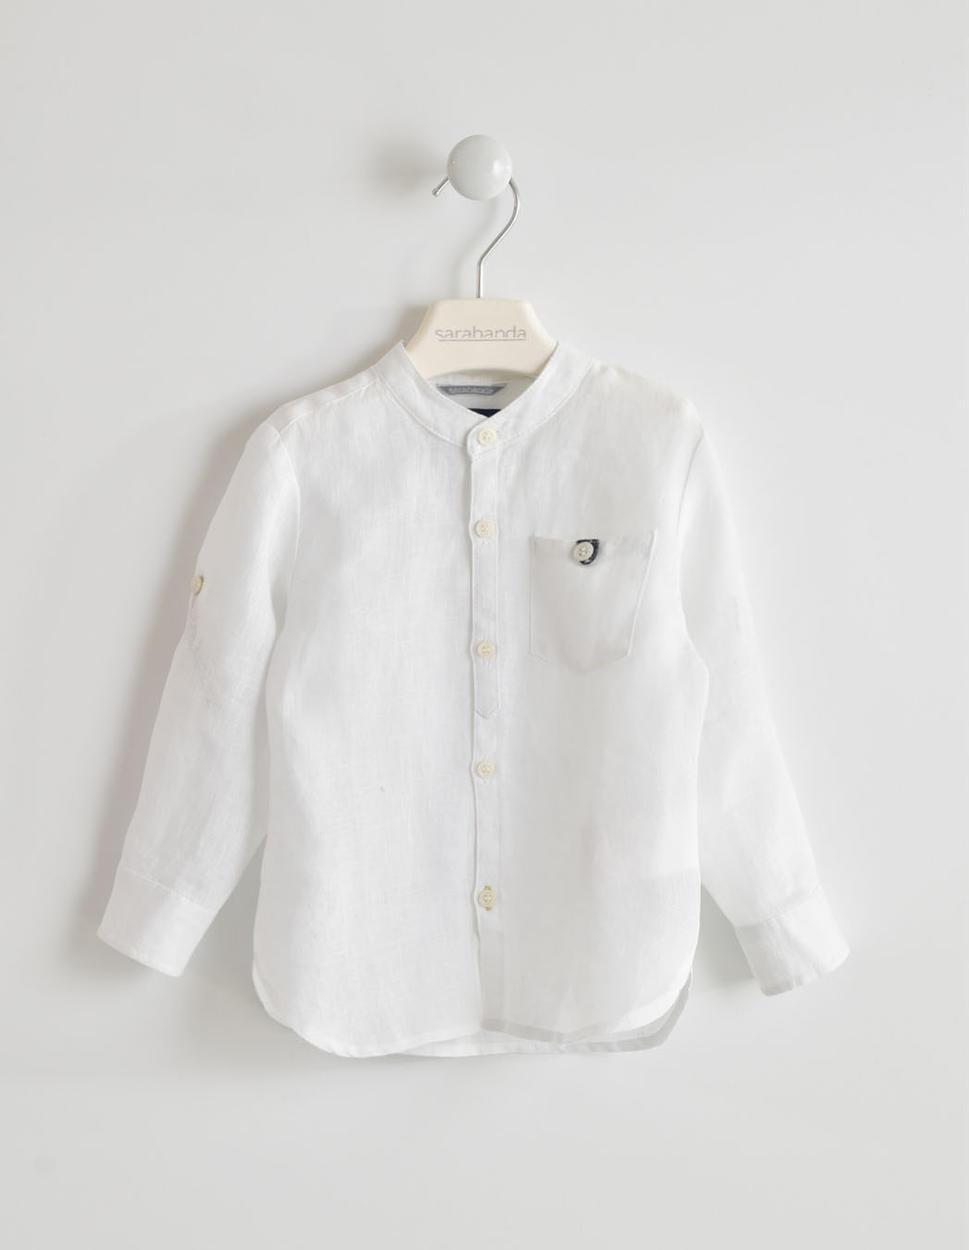 comprare popolare 268c0 0c8f8 Camicia in lino a manica lunga per bambino da 6 mesi a 7 anni Sarabanda